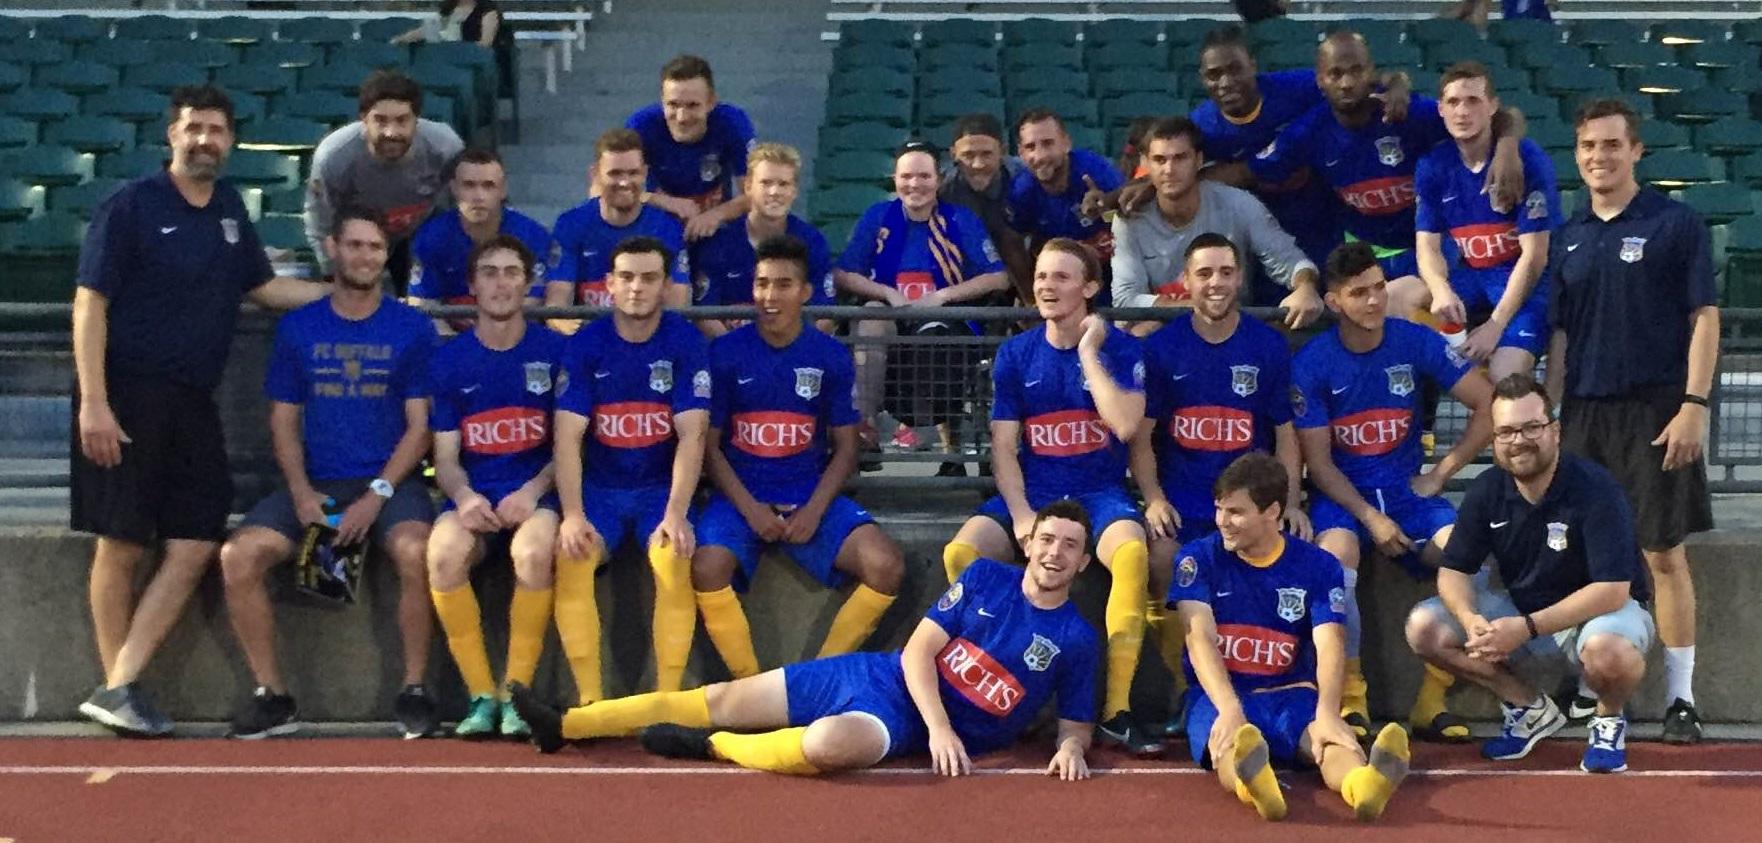 FC Buffalo's players pose with a fan following their season-ending 2-0 win. (Ben Tsujimoto/Buffalo News)